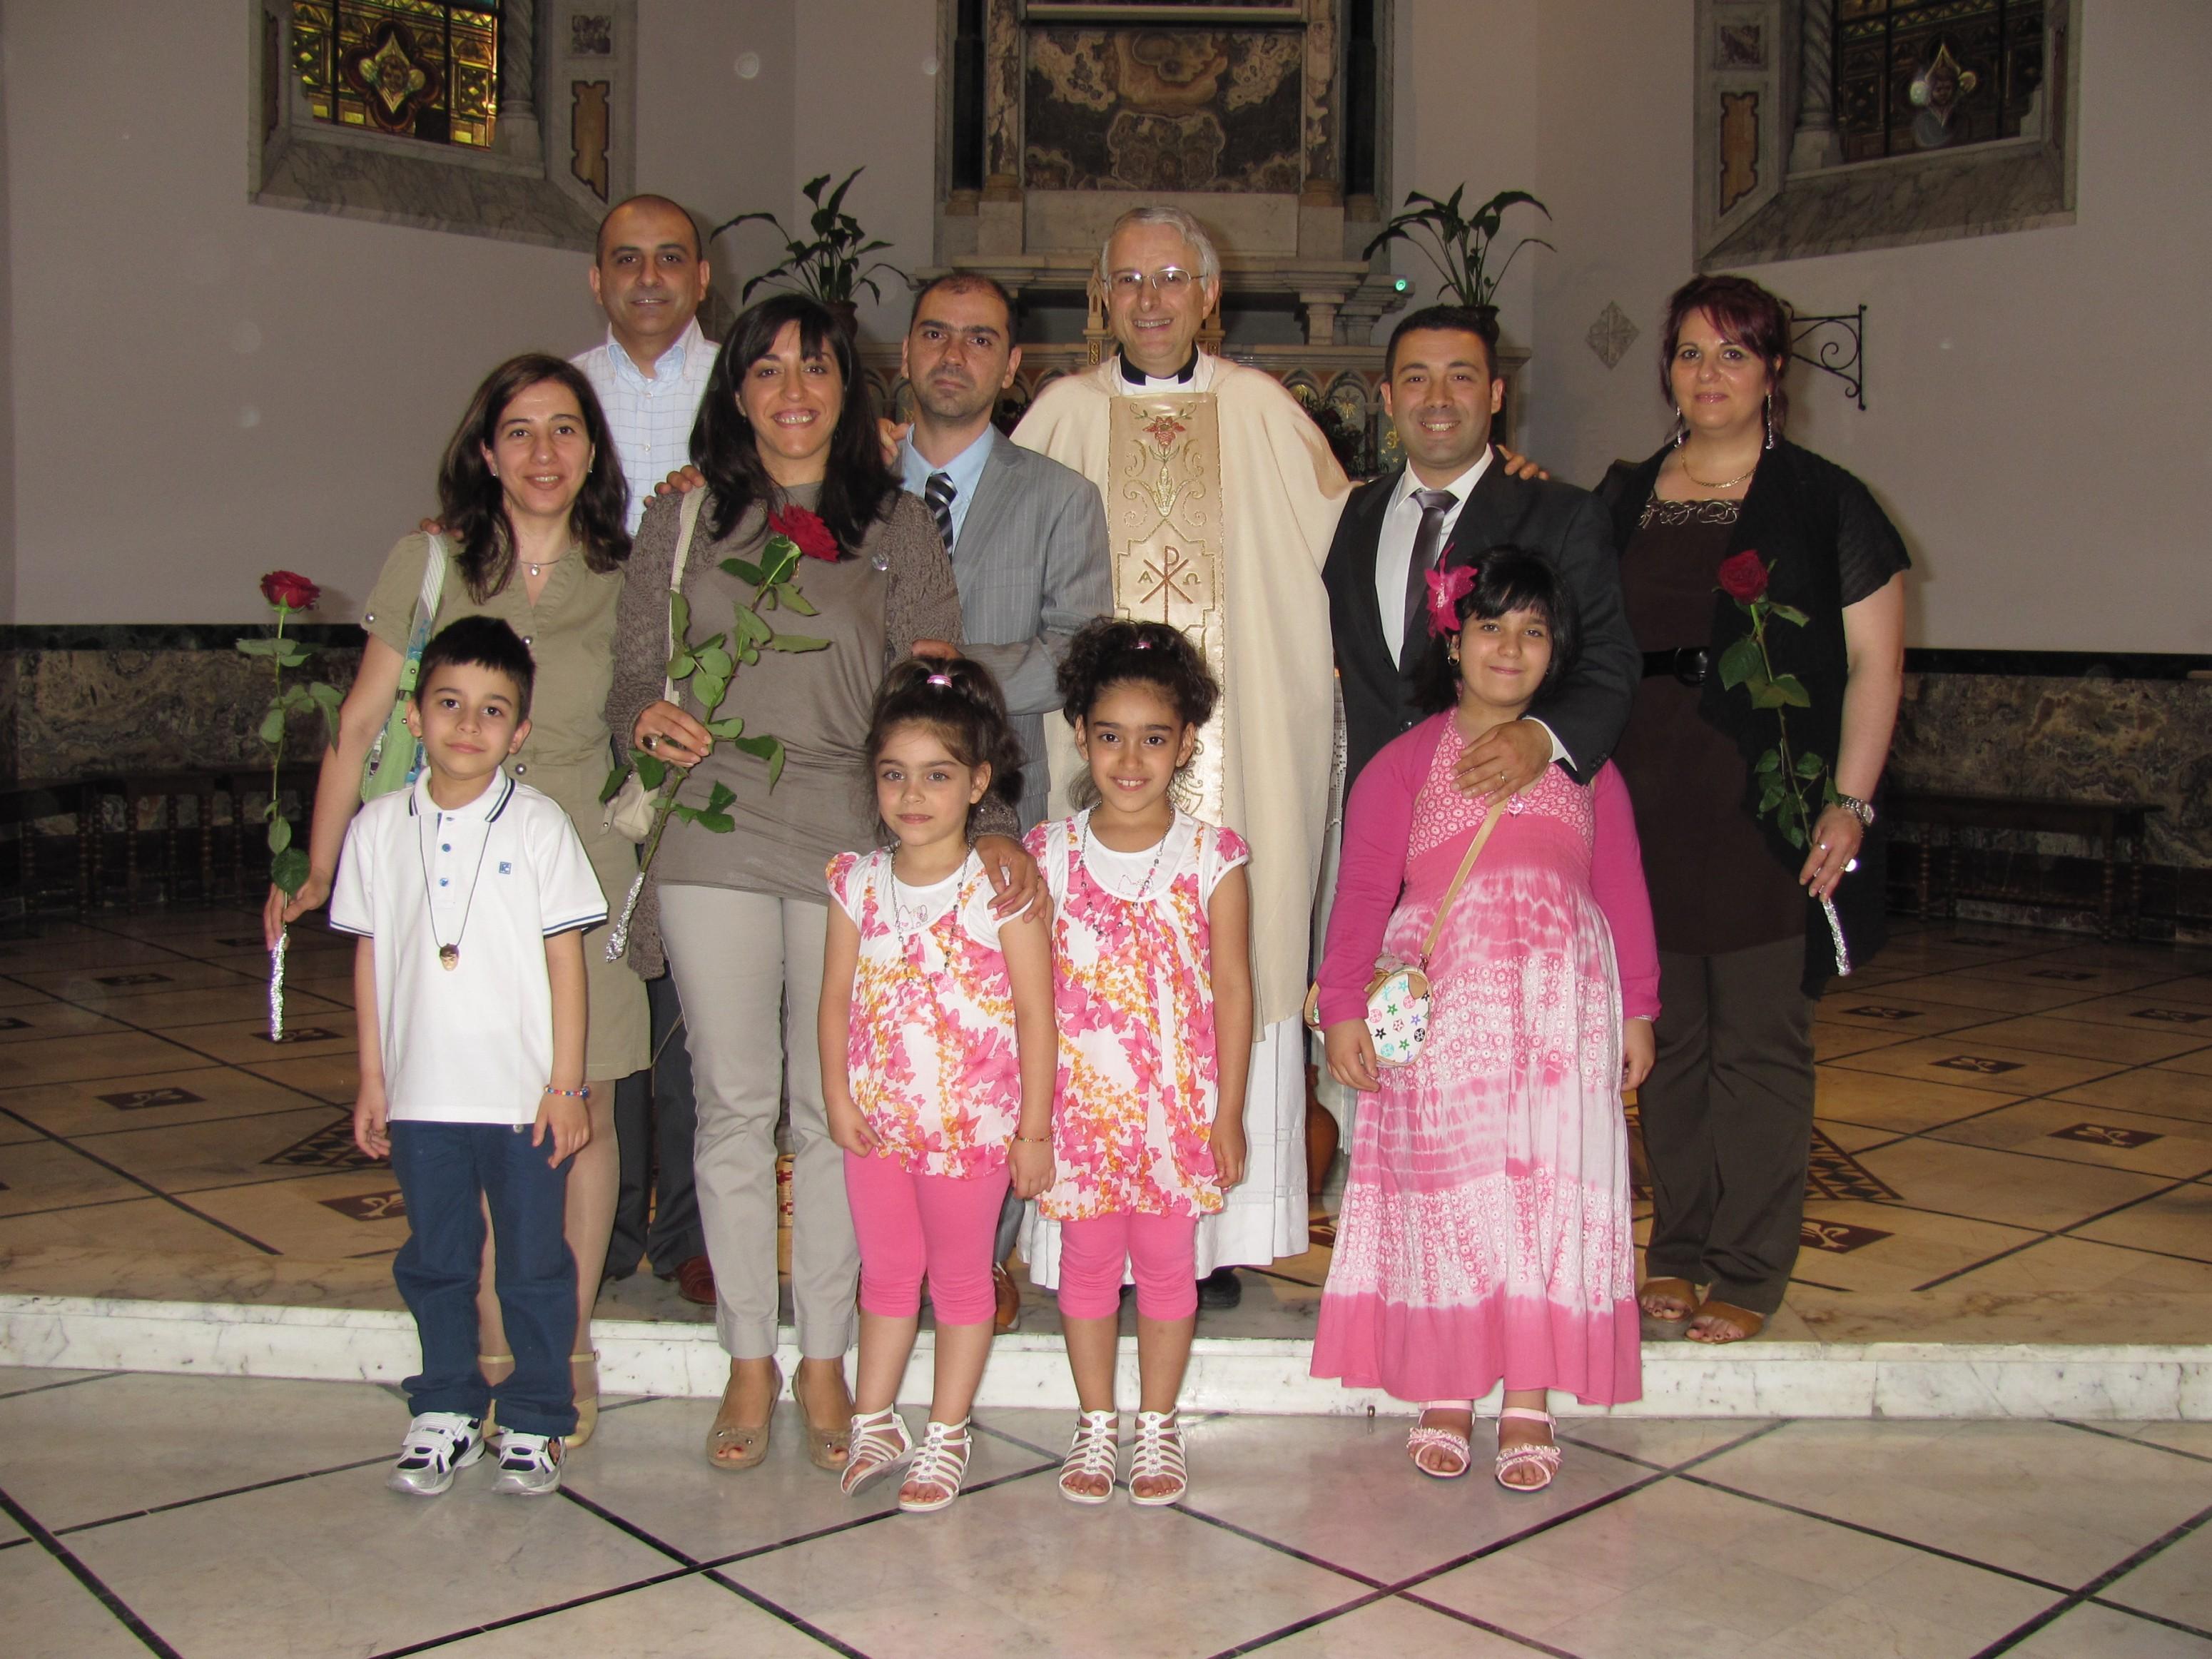 anniversari_matrimonio-2011-06-05-12-23-34